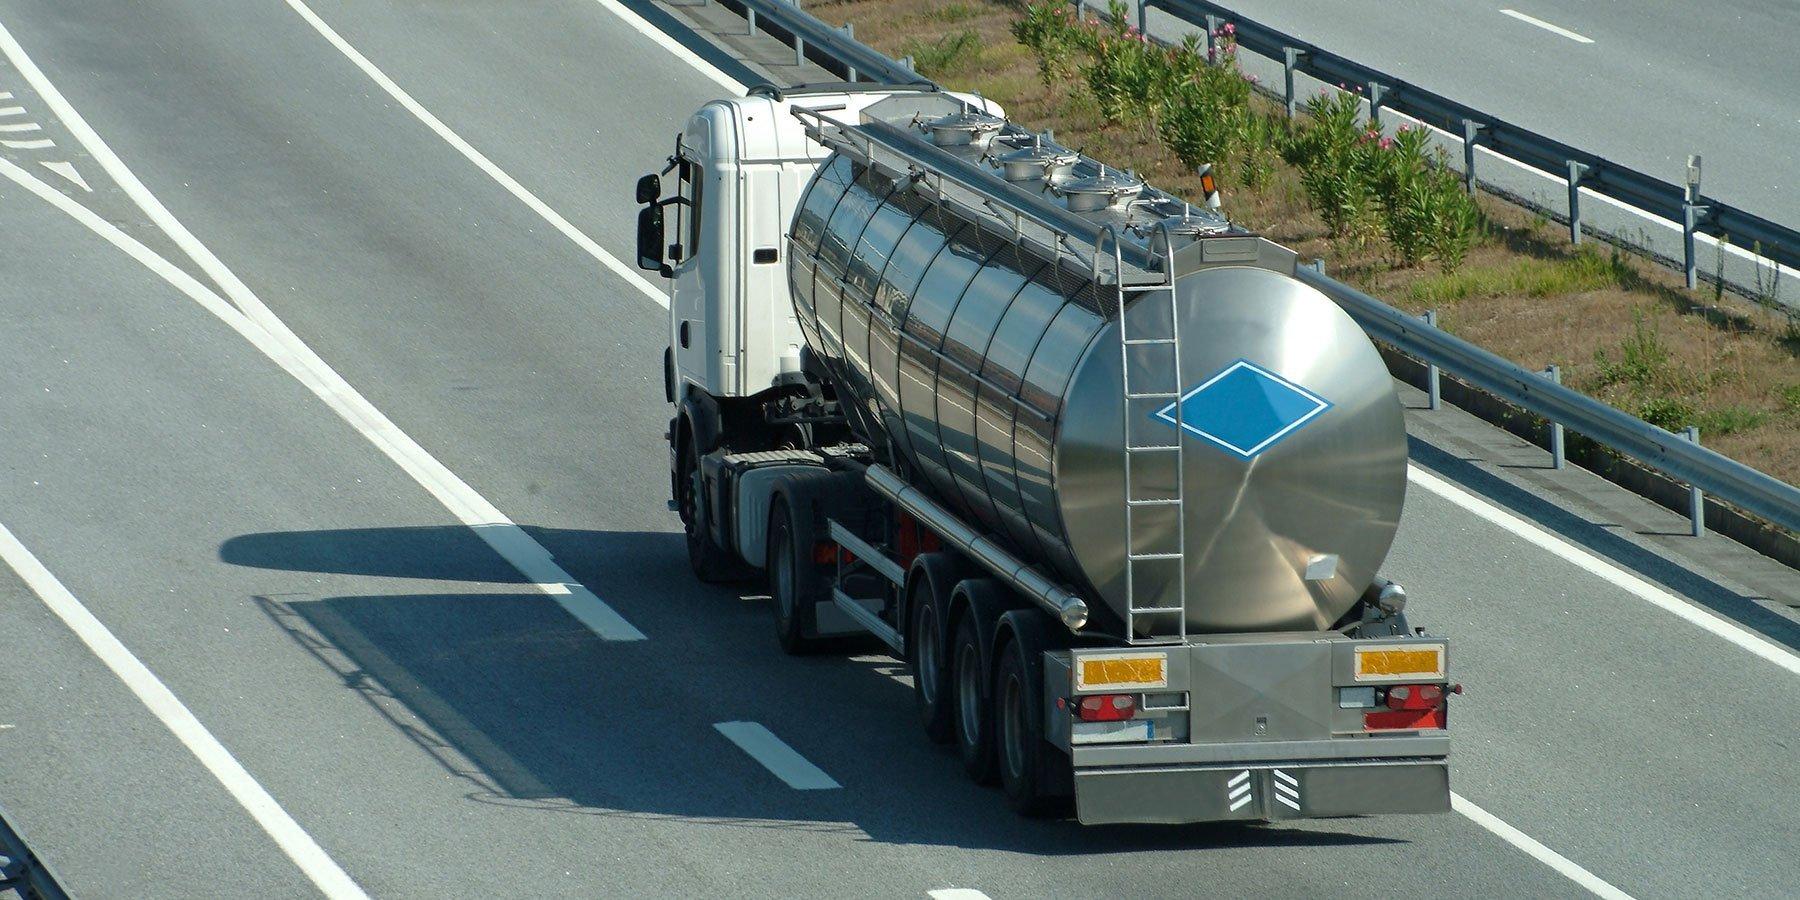 Tir per il trasporto di fluidi su strada